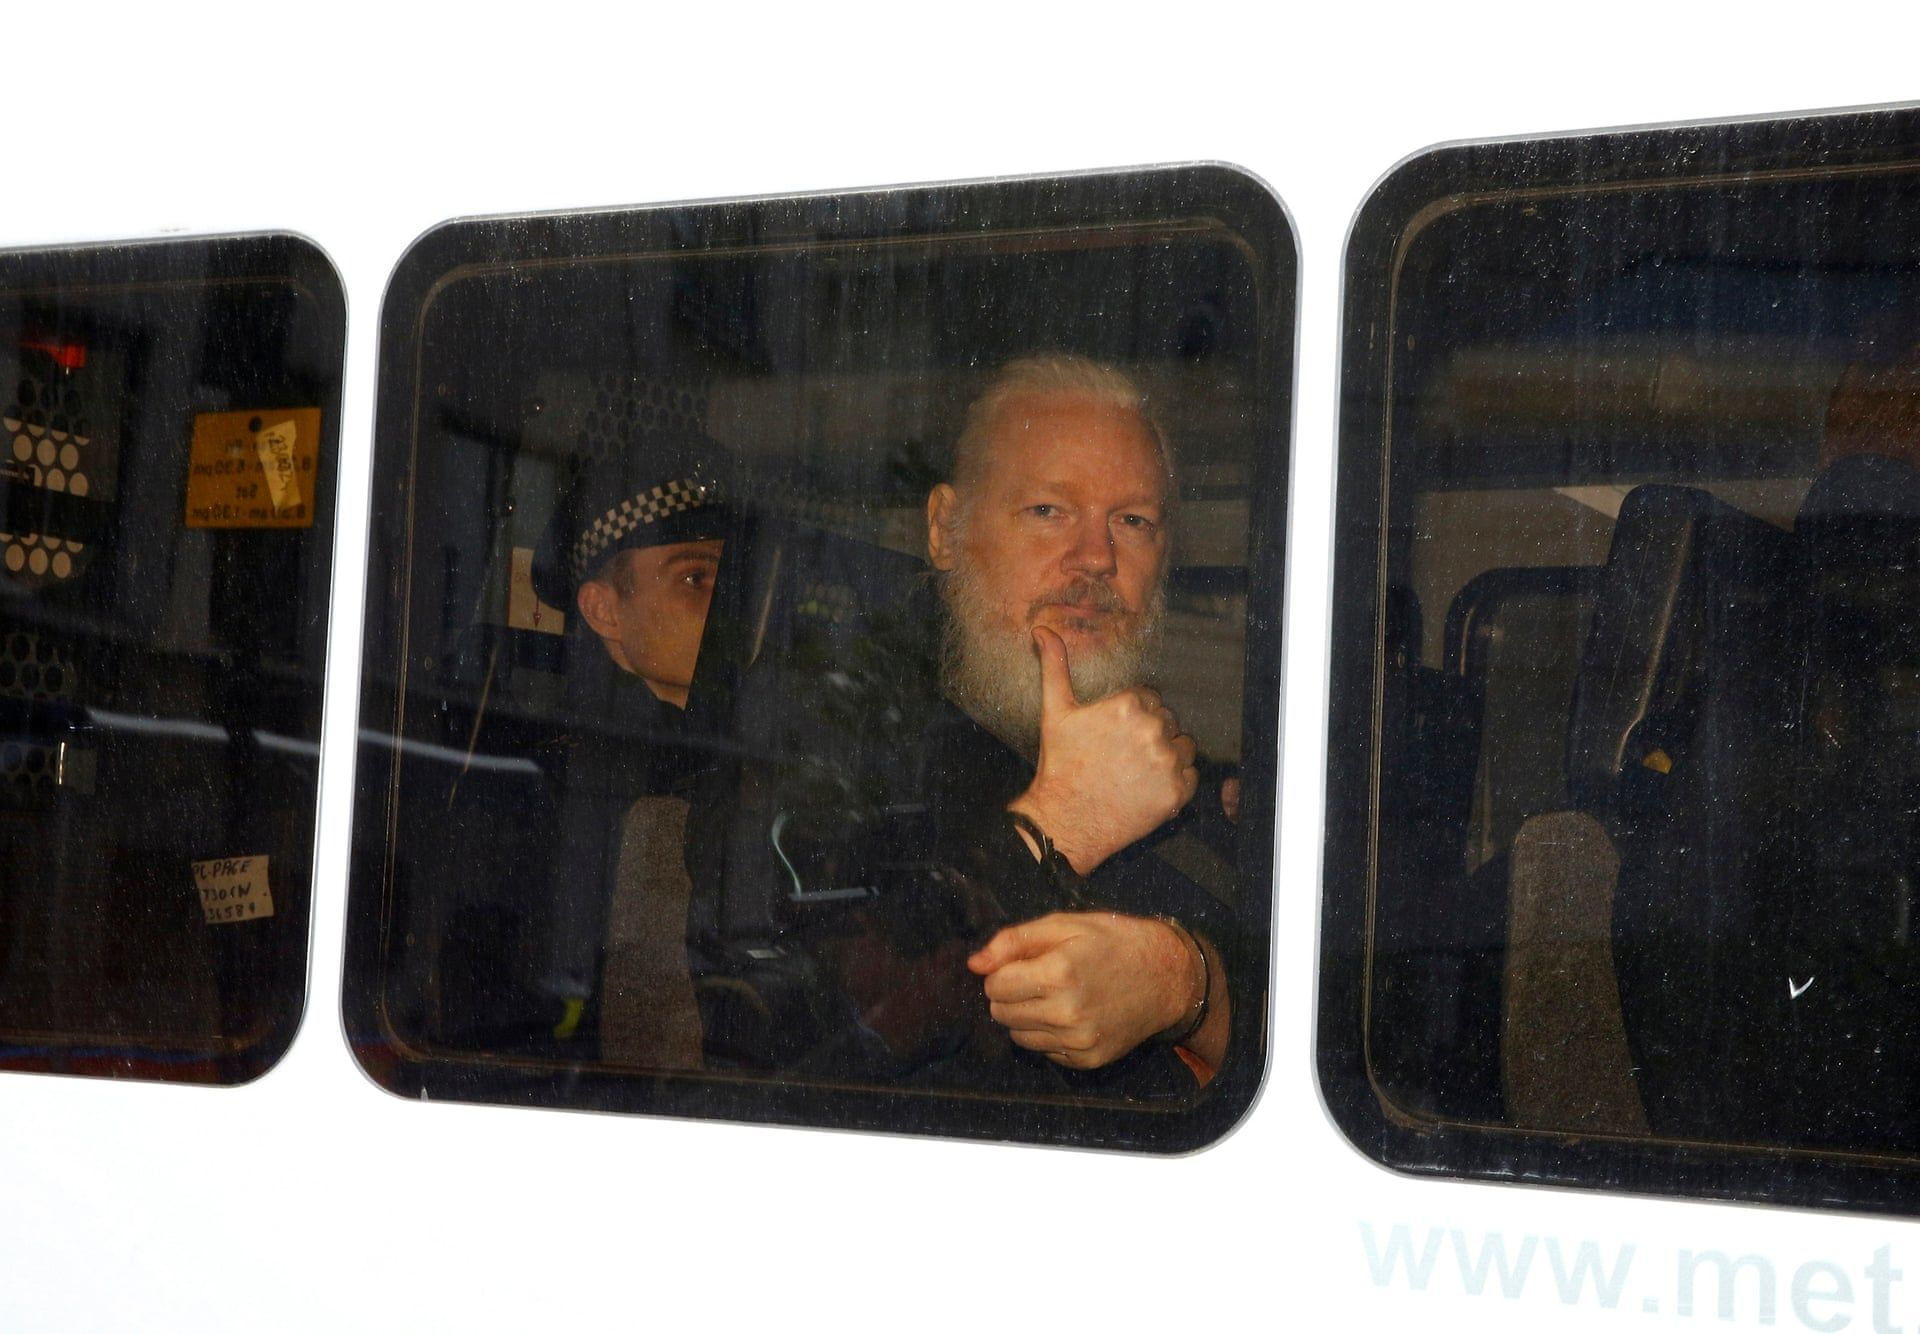 Julian Assange a WikiLeaks alapítója miután rendőrök hozták ki Ecuador londoni nagykövetségéről. Fotó: Henry Nicholls/Reuters/thebppa